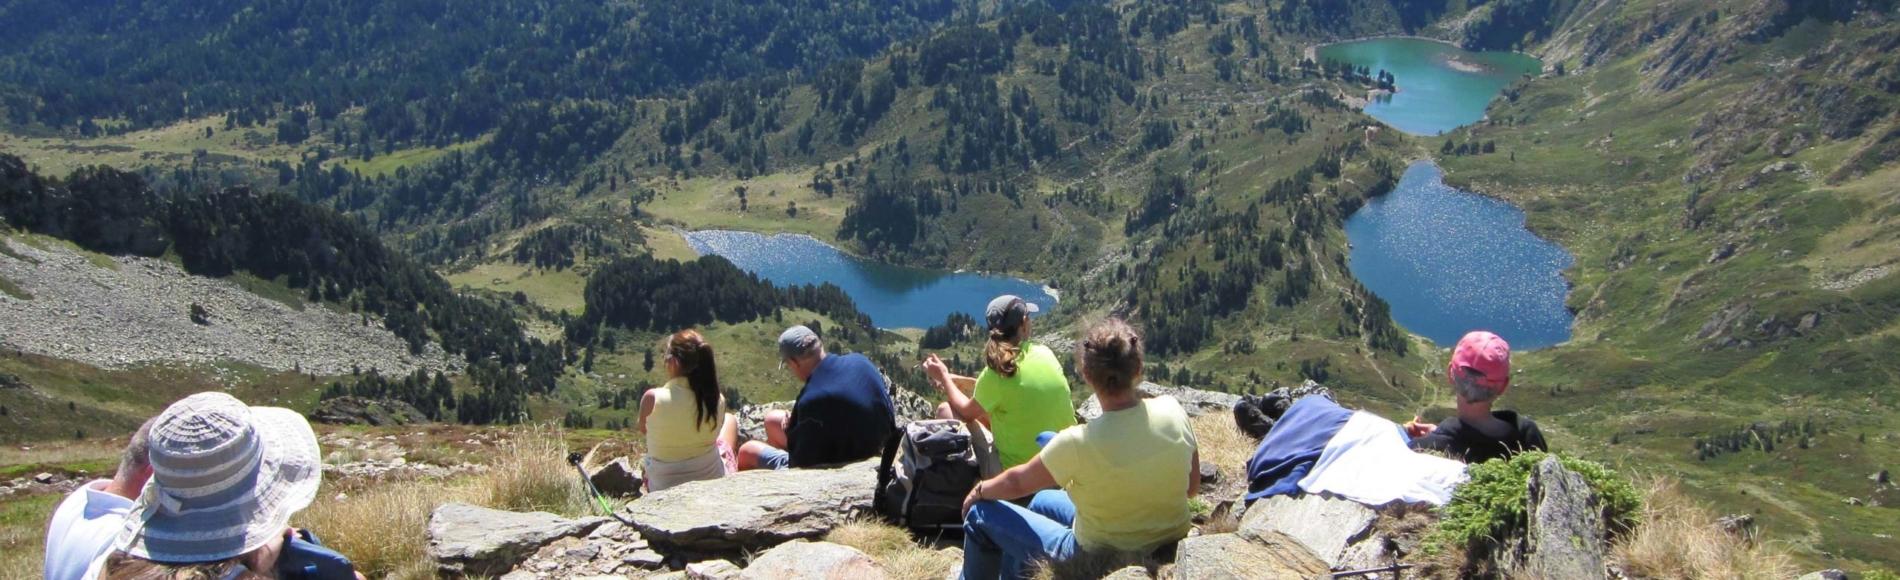 De tre søer